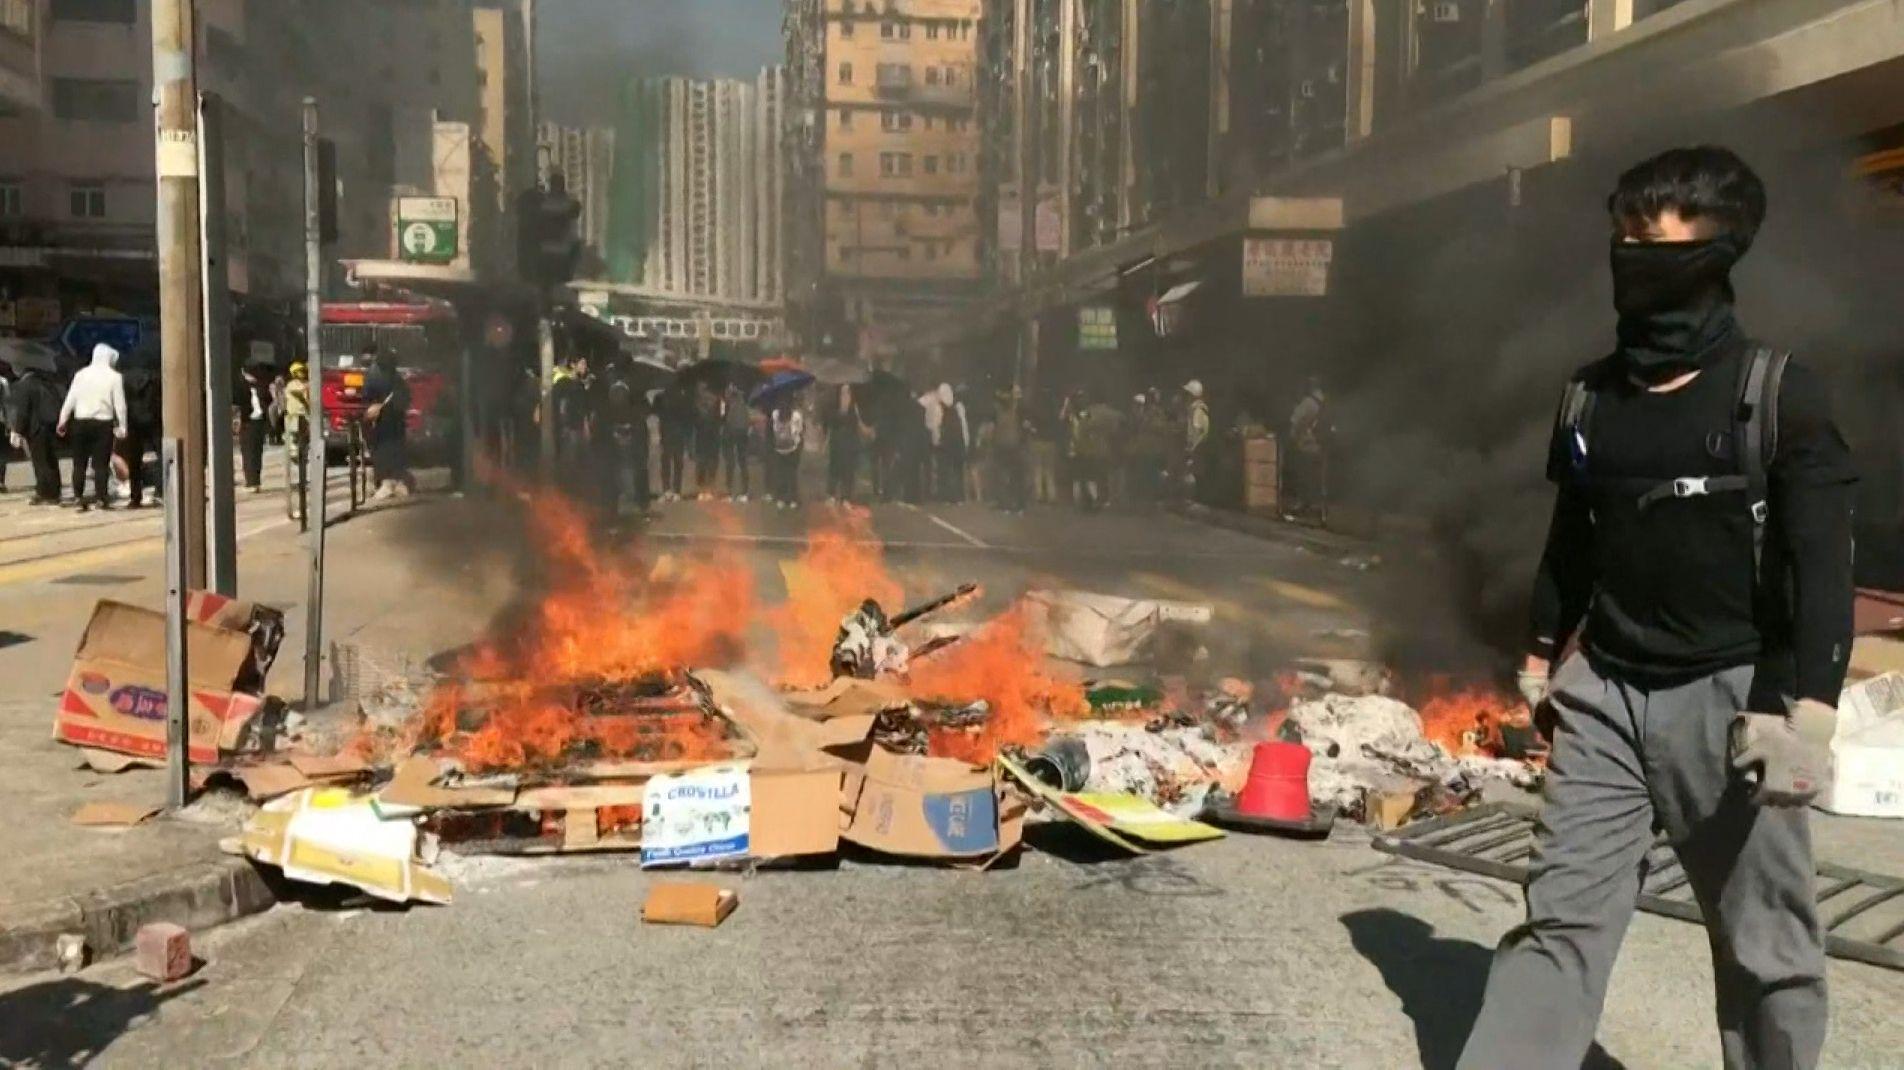 Proteste in Hongkong: Polizei schießt erneut auf Demonstranten